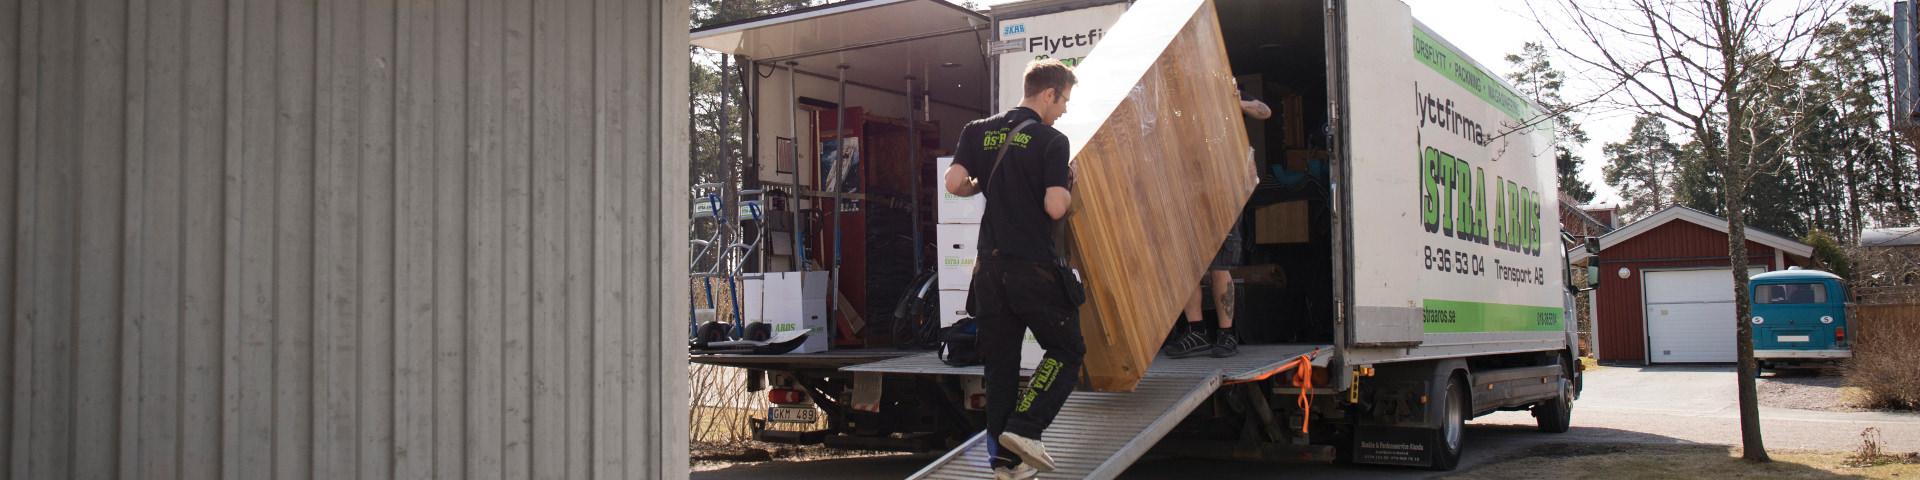 Flyttfirma Östra Aros flyttar ett piano